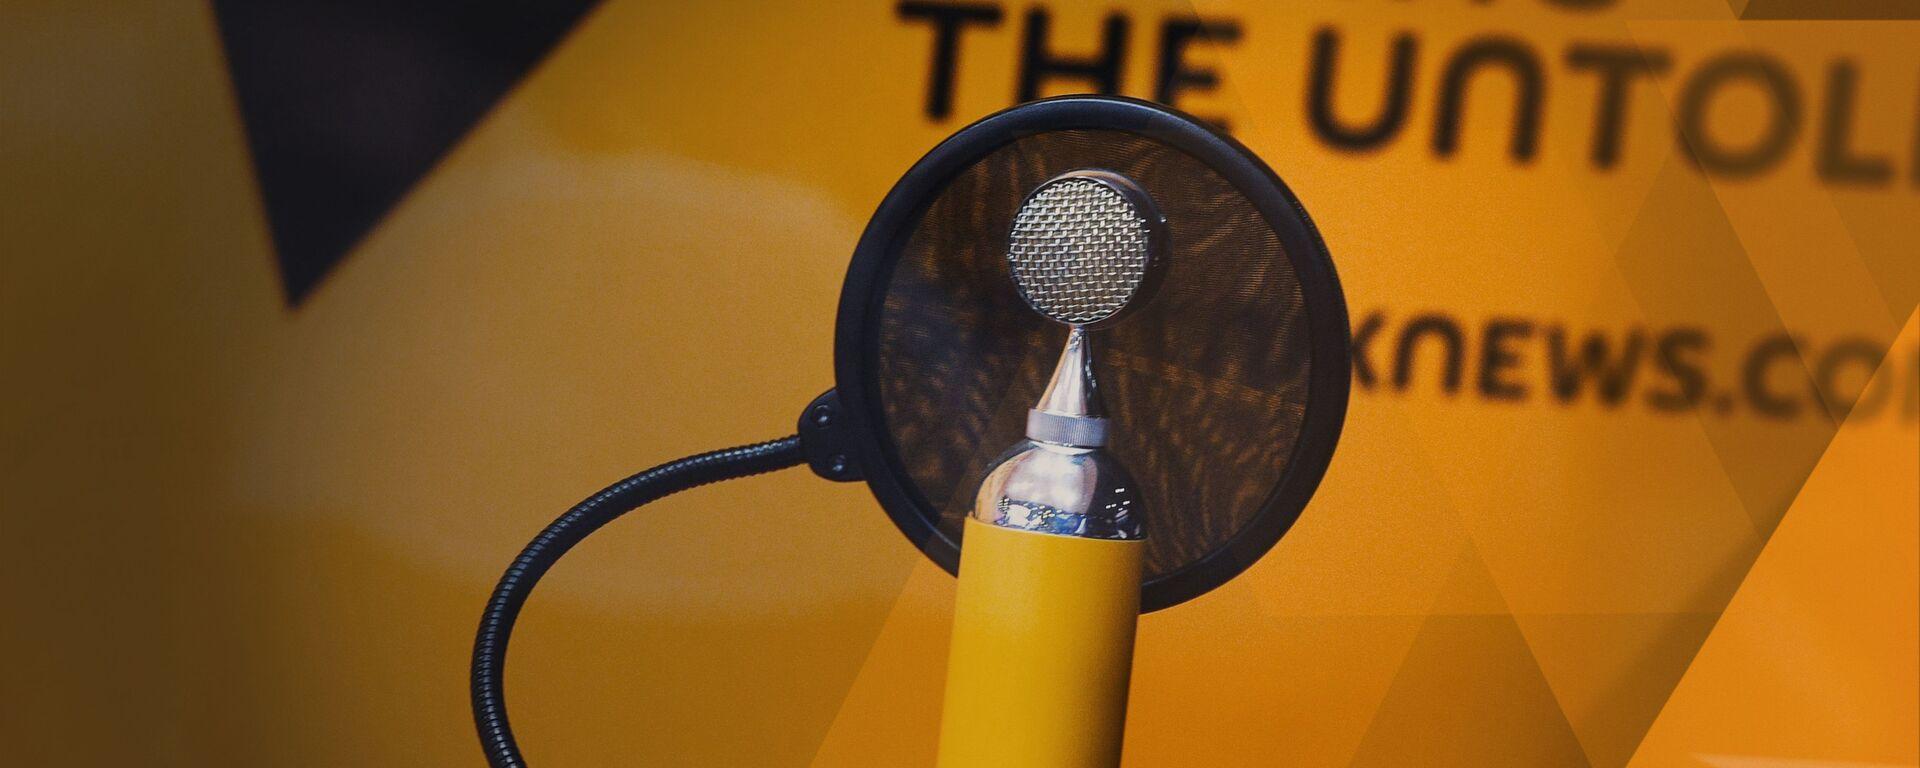 Микрофон  - Sputnik Аҧсны, 1920, 08.05.2021